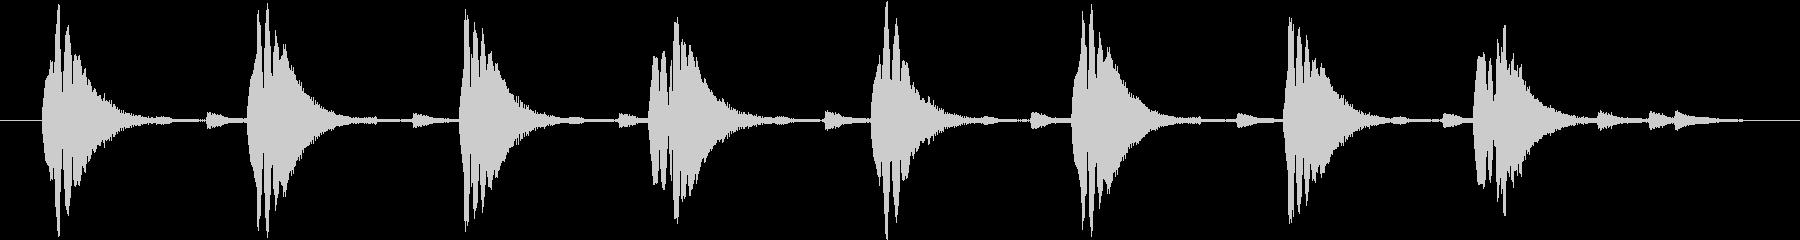 コミカルに何か近づいてくるようなジングルの未再生の波形